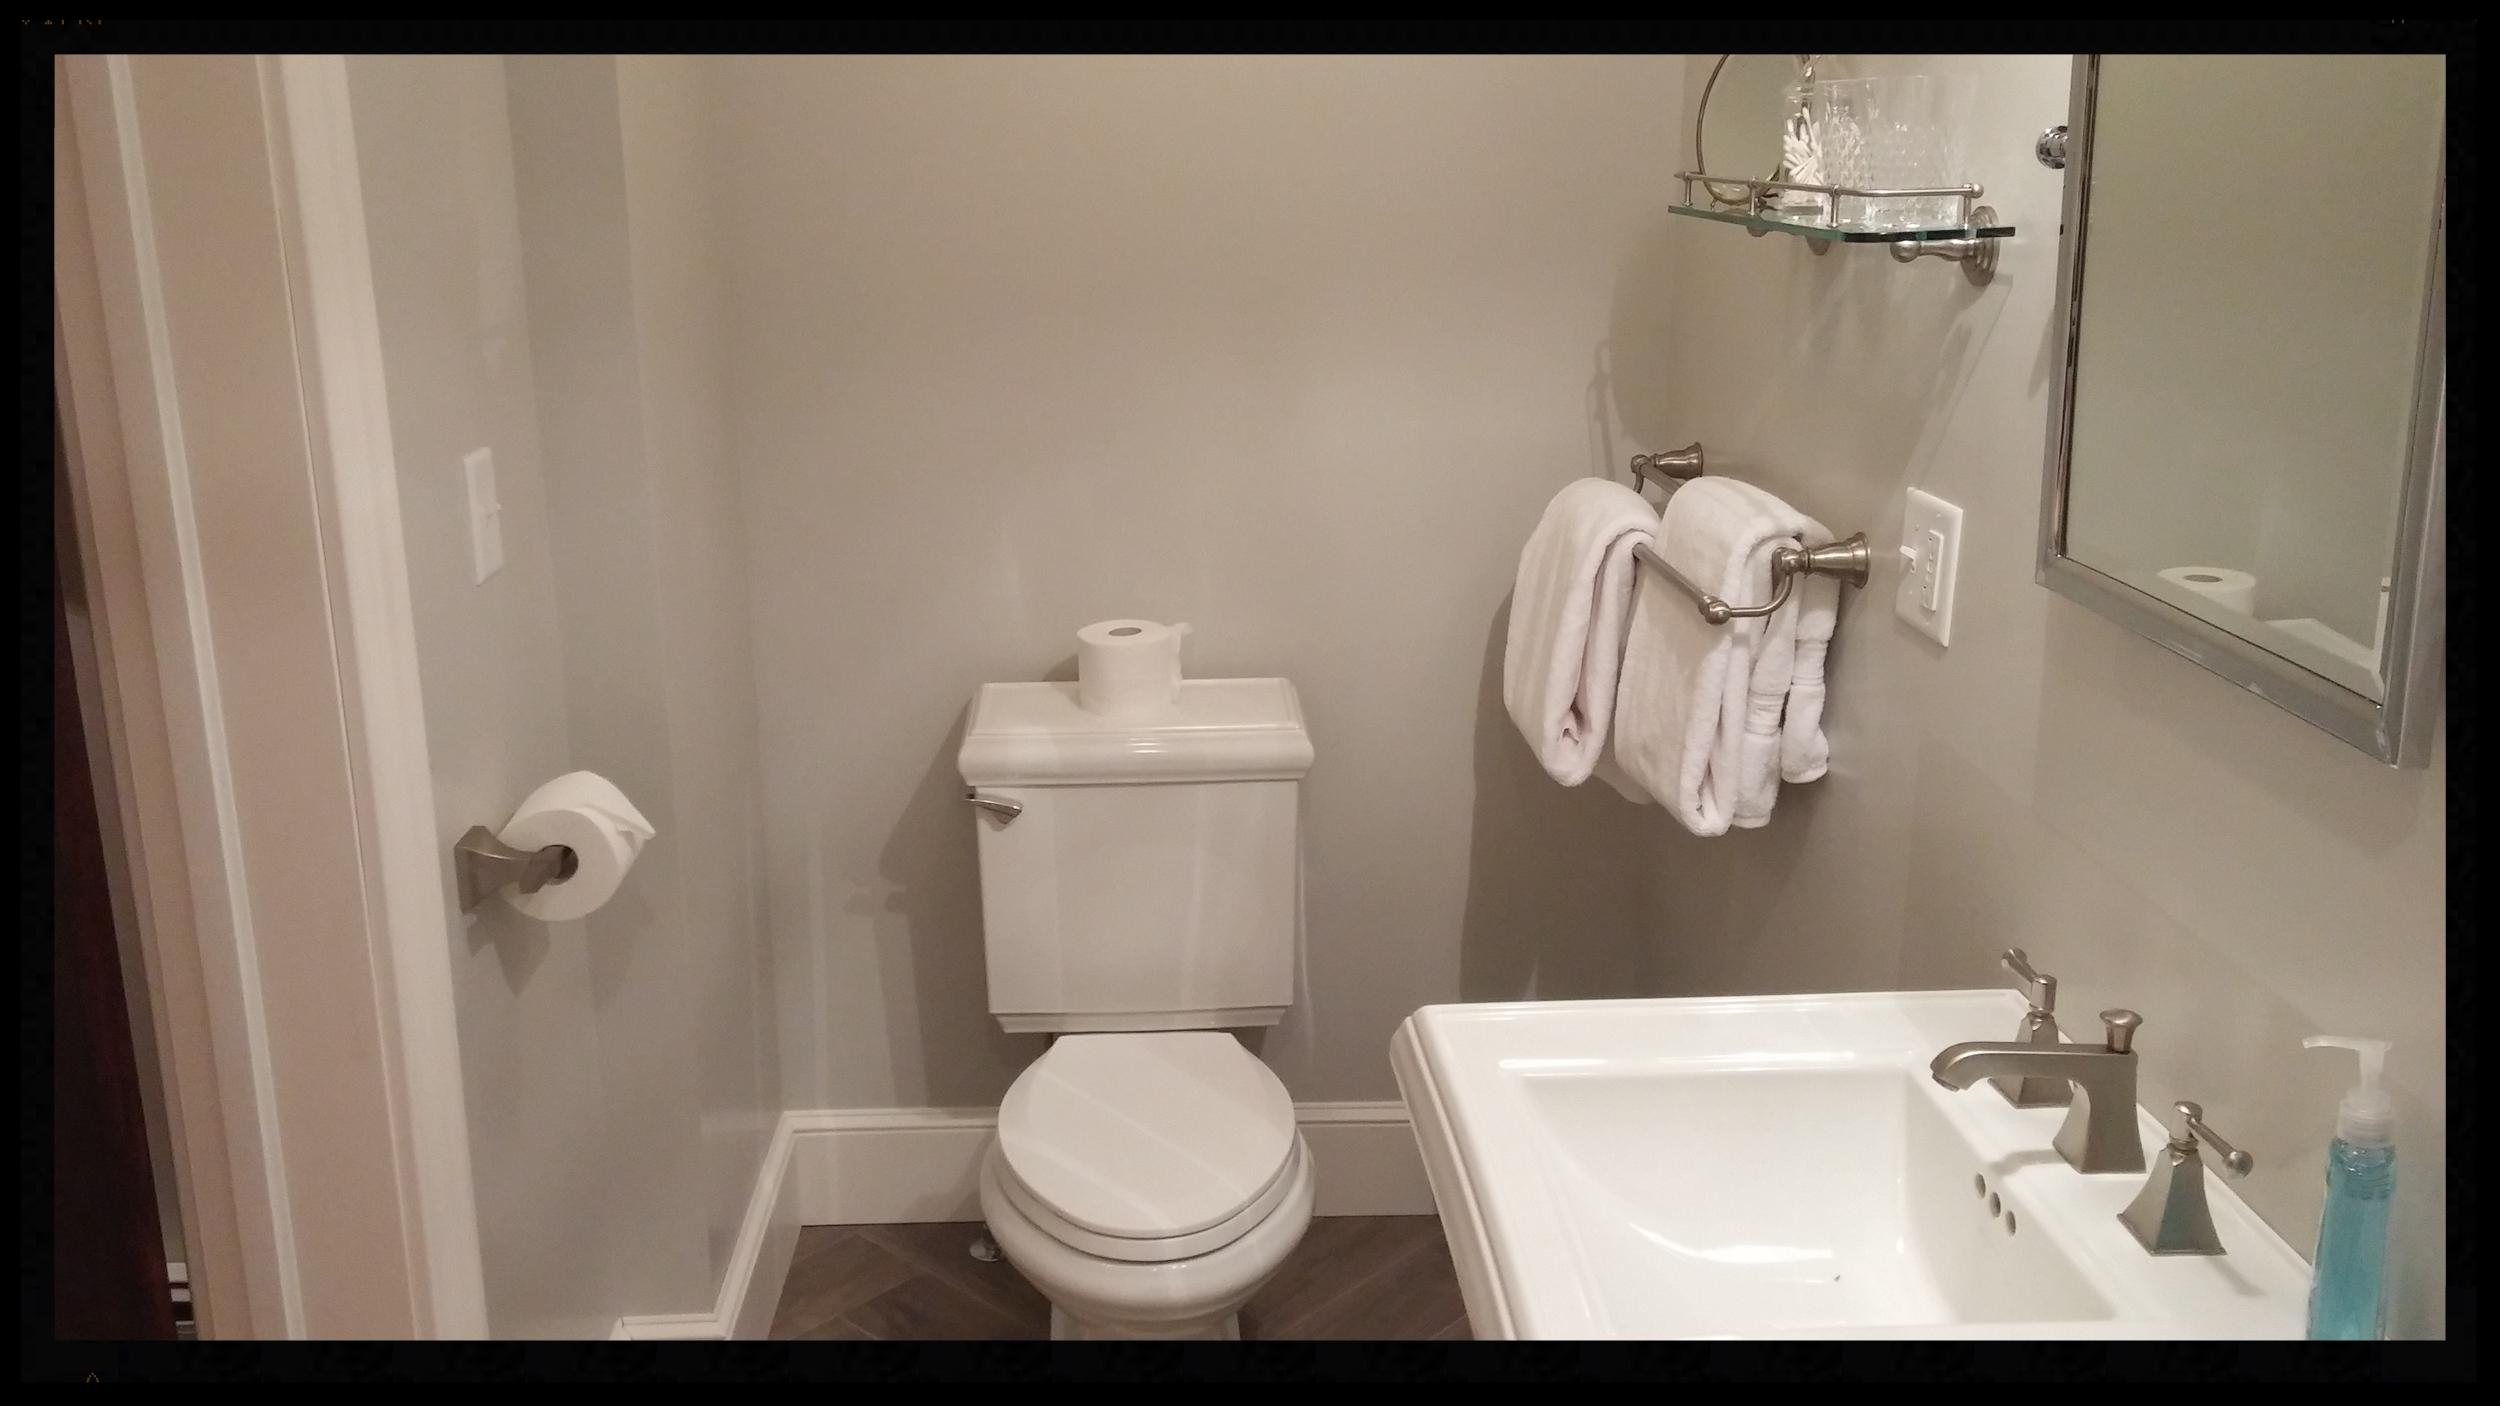 Excelsior bathroom with pedestal sink